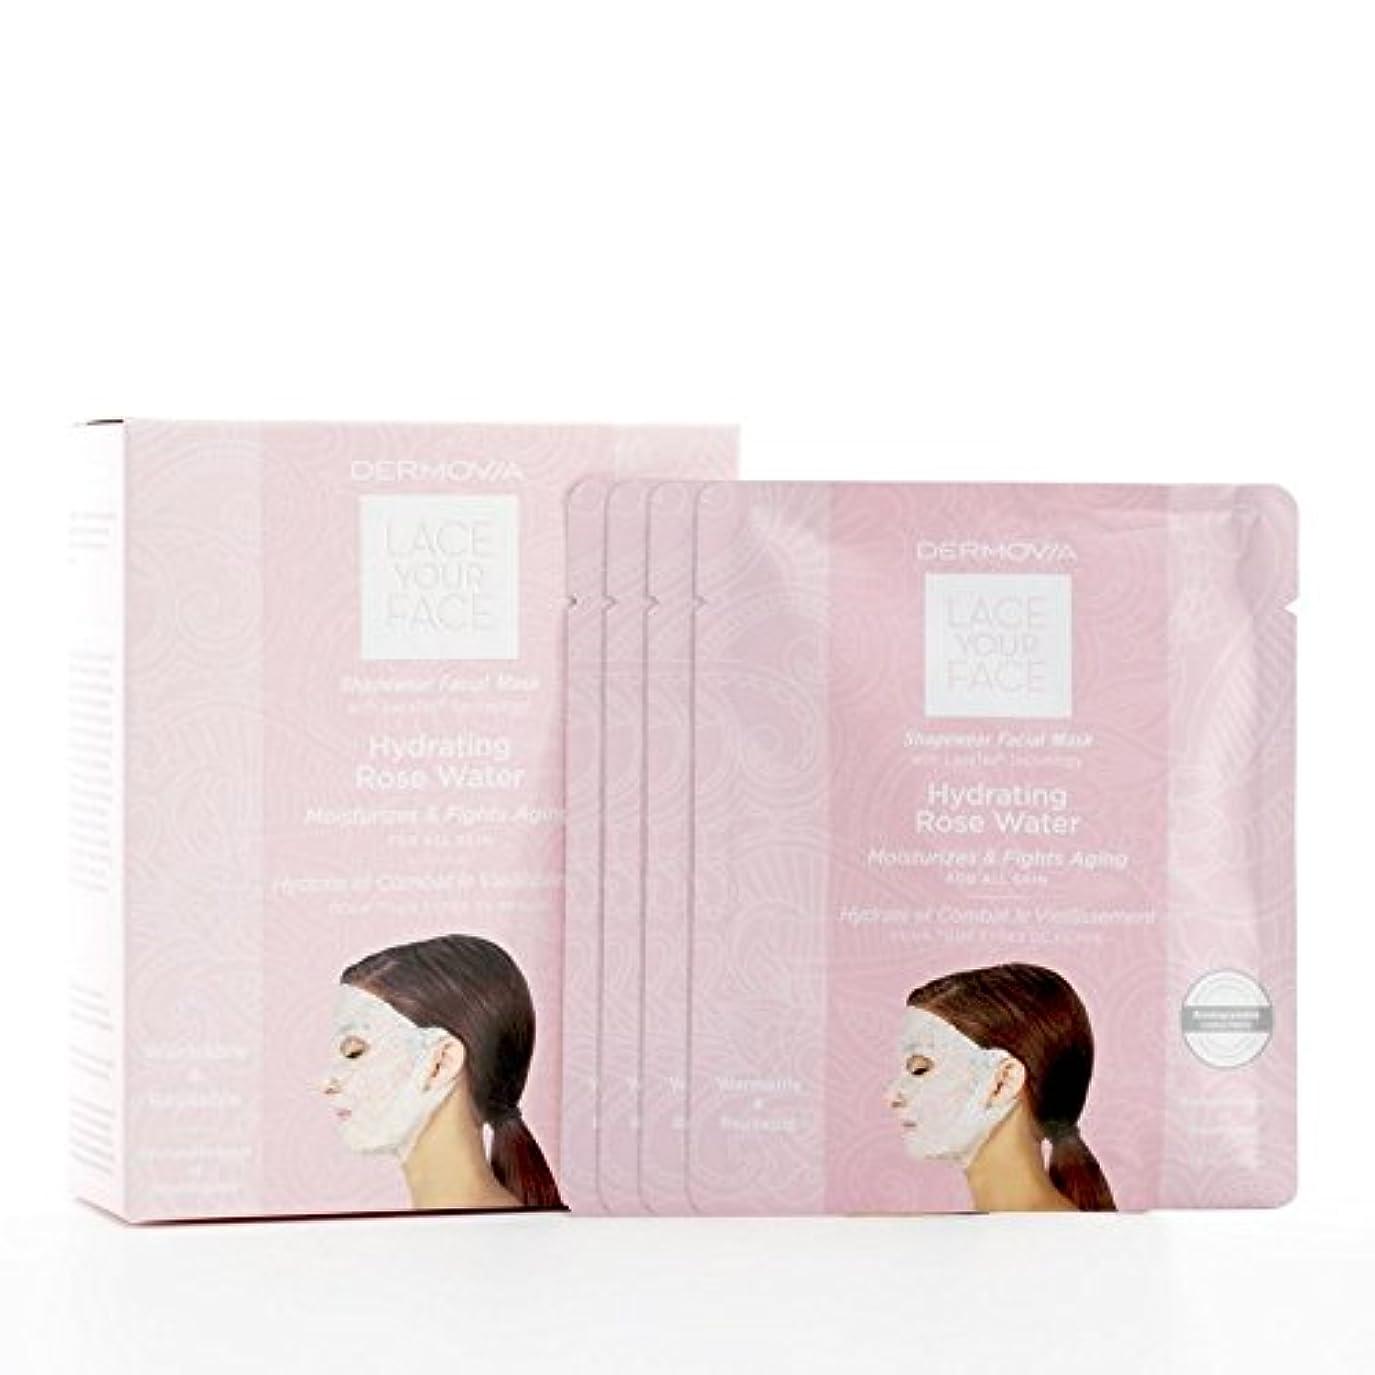 口夫婦親密なは、あなたの顔の圧縮フェイシャルマスク水和が水をバラレース x2 - Dermovia Lace Your Face Compression Facial Mask Hydrating Rose Water (Pack...